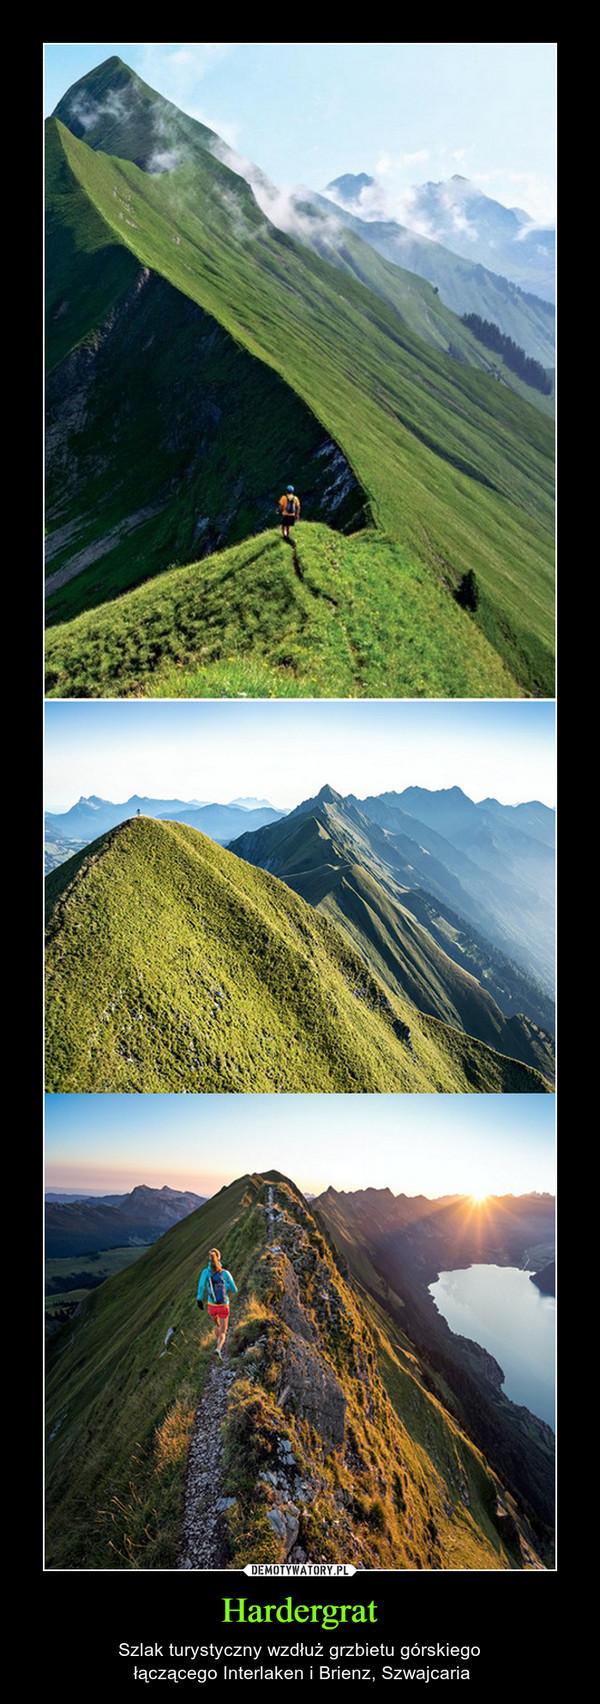 Hardergrat – Szlak turystyczny wzdłuż grzbietu górskiego łączącego Interlaken i Brienz, Szwajcaria